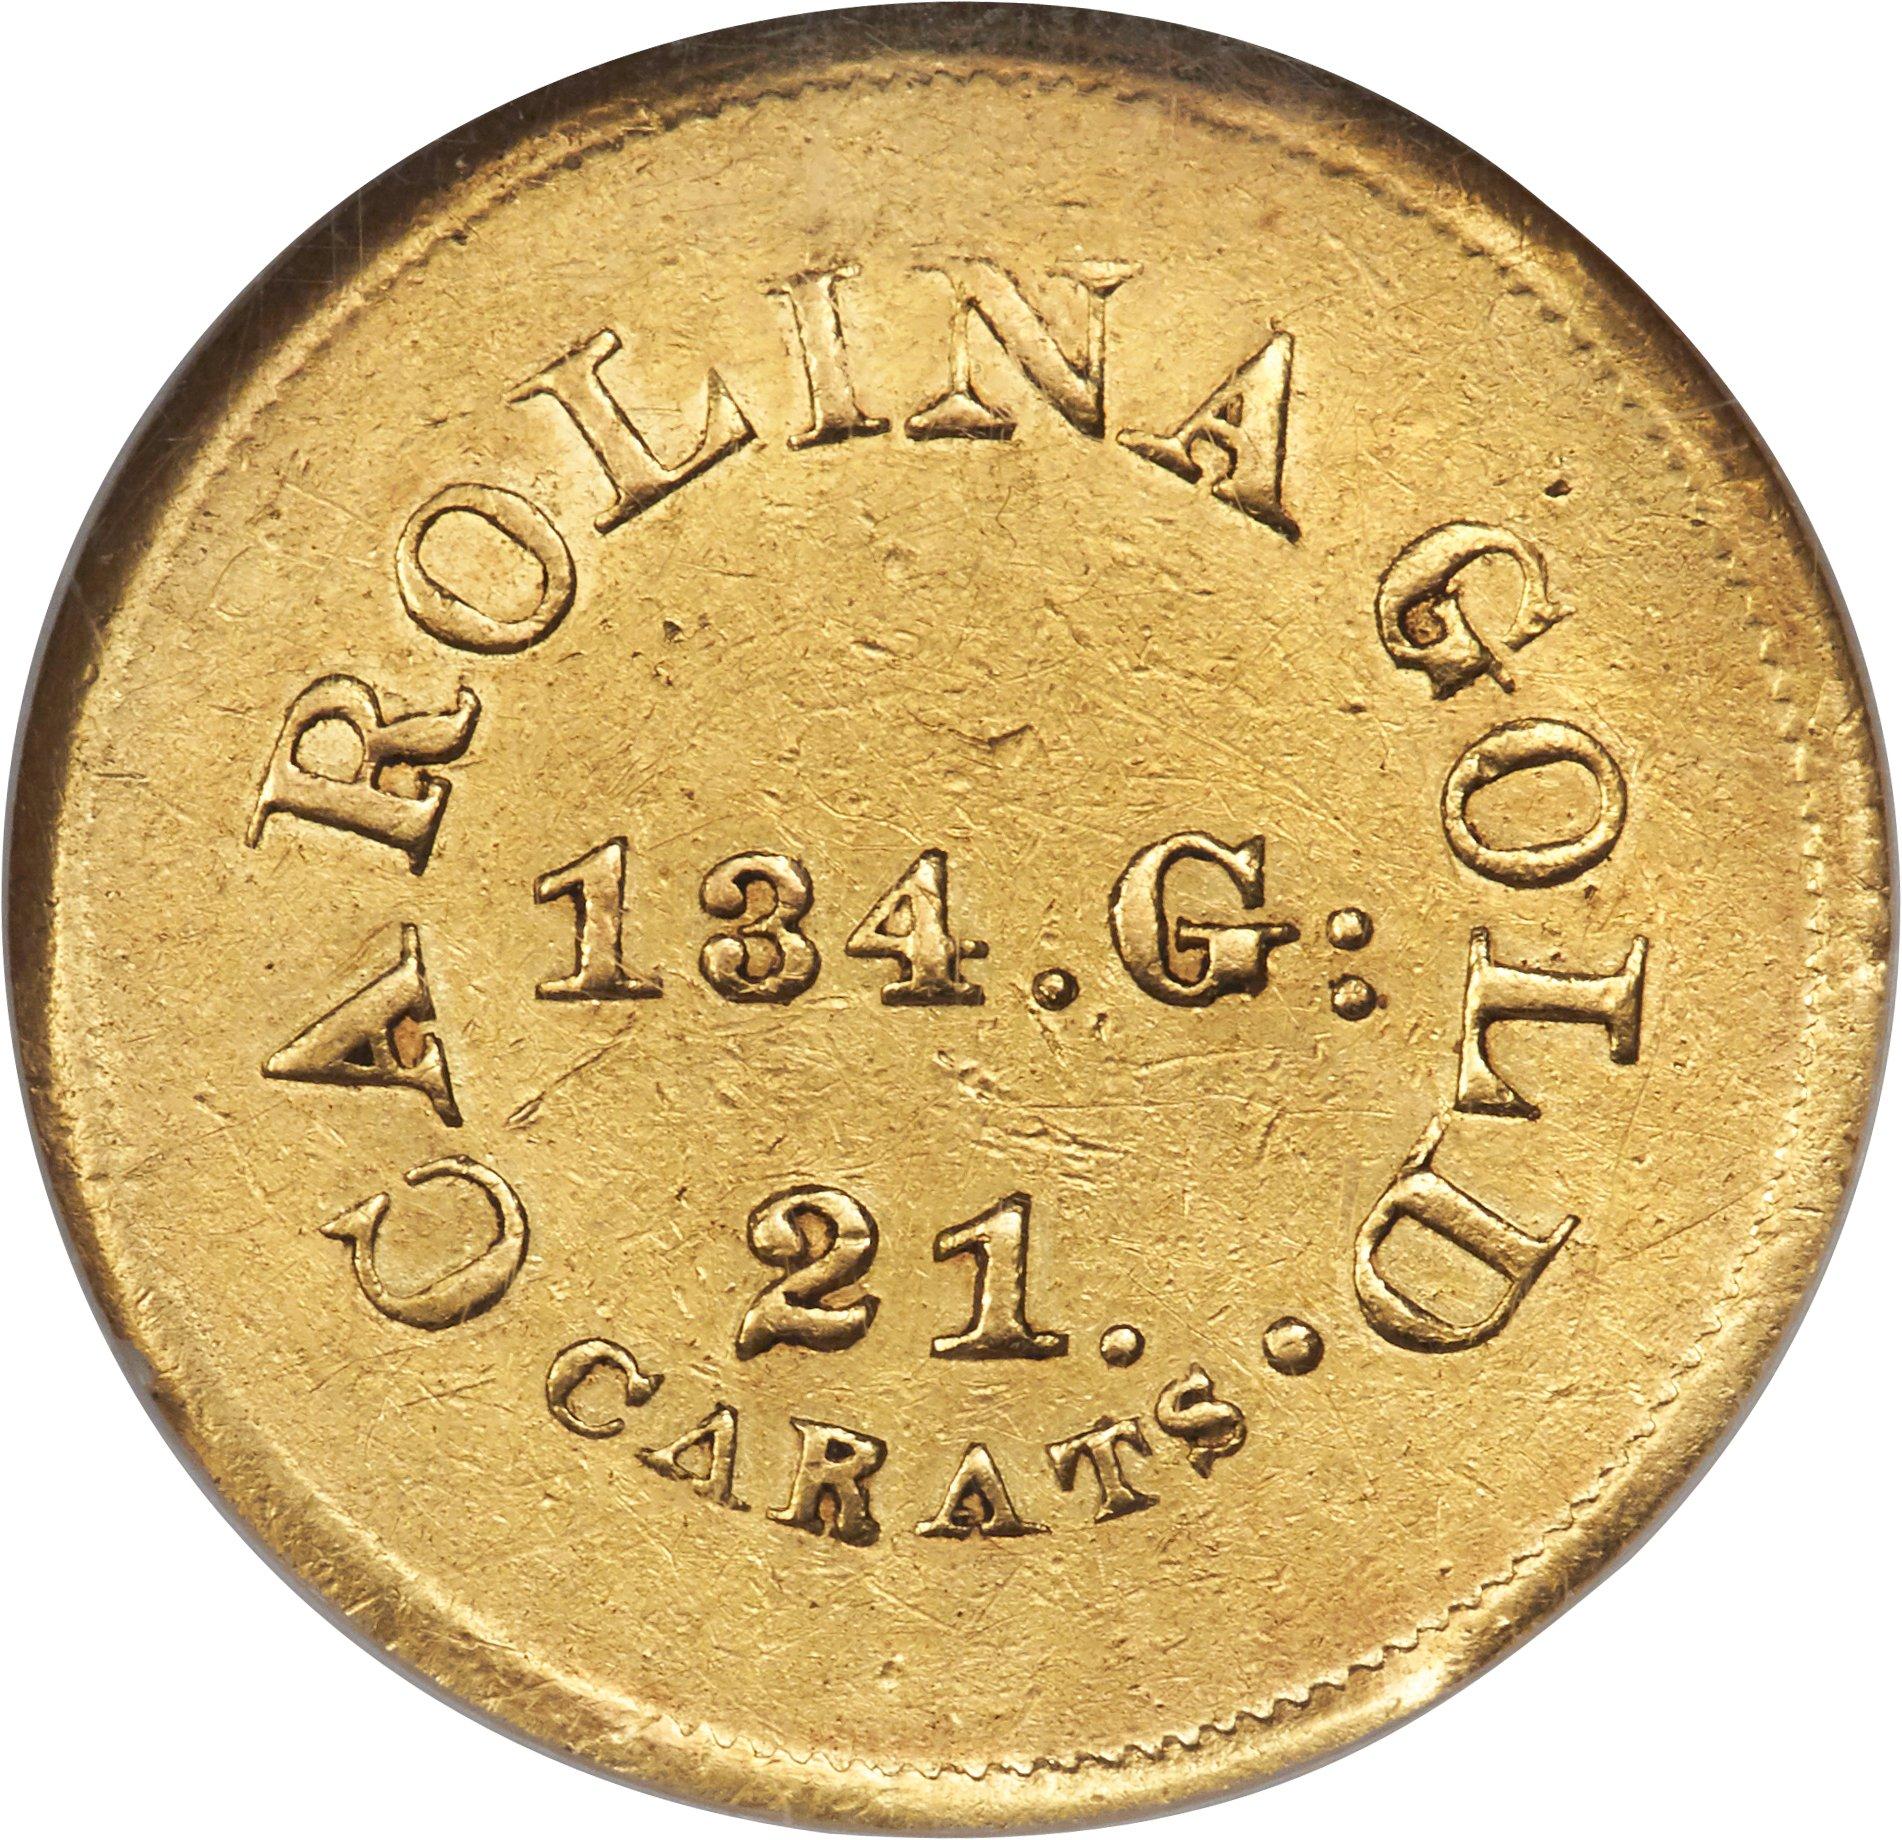 sample image for A.Becht $5 134 GR, 21C (K-27)